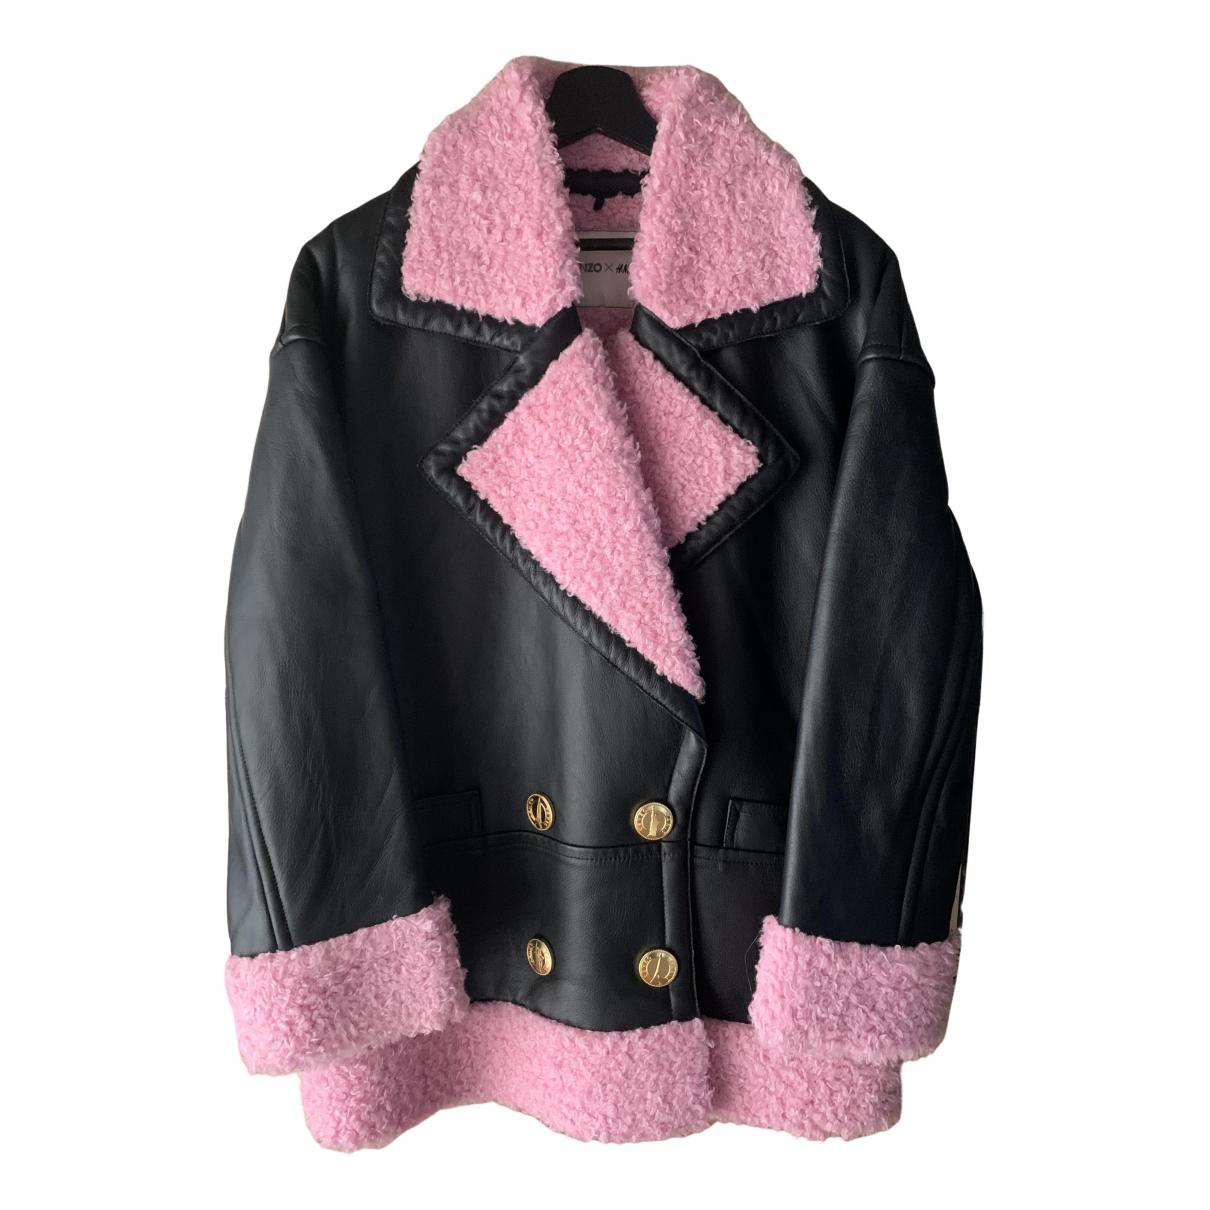 Kenzo X H&m - Manteau   pour femme en cuir - noir